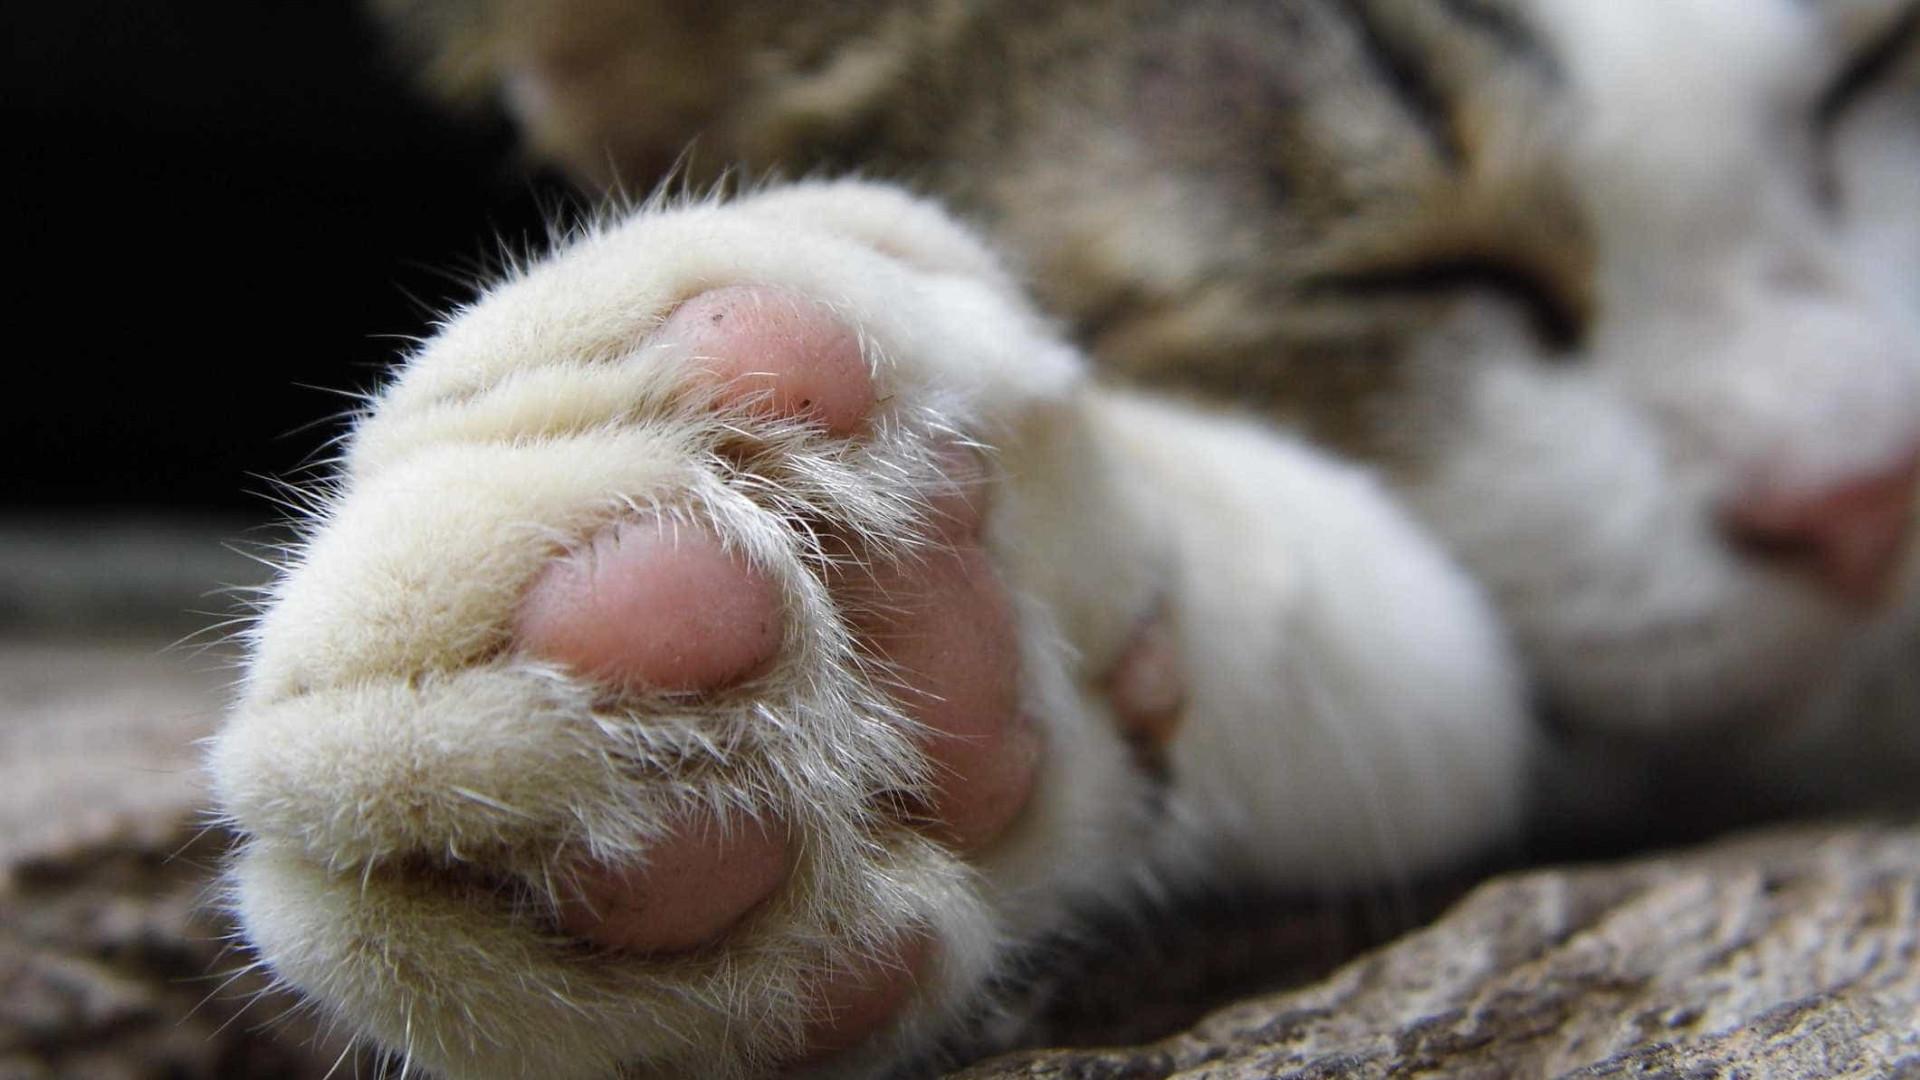 Dezenas de gatos encontrados mortos em habitação após despejo nos EUA